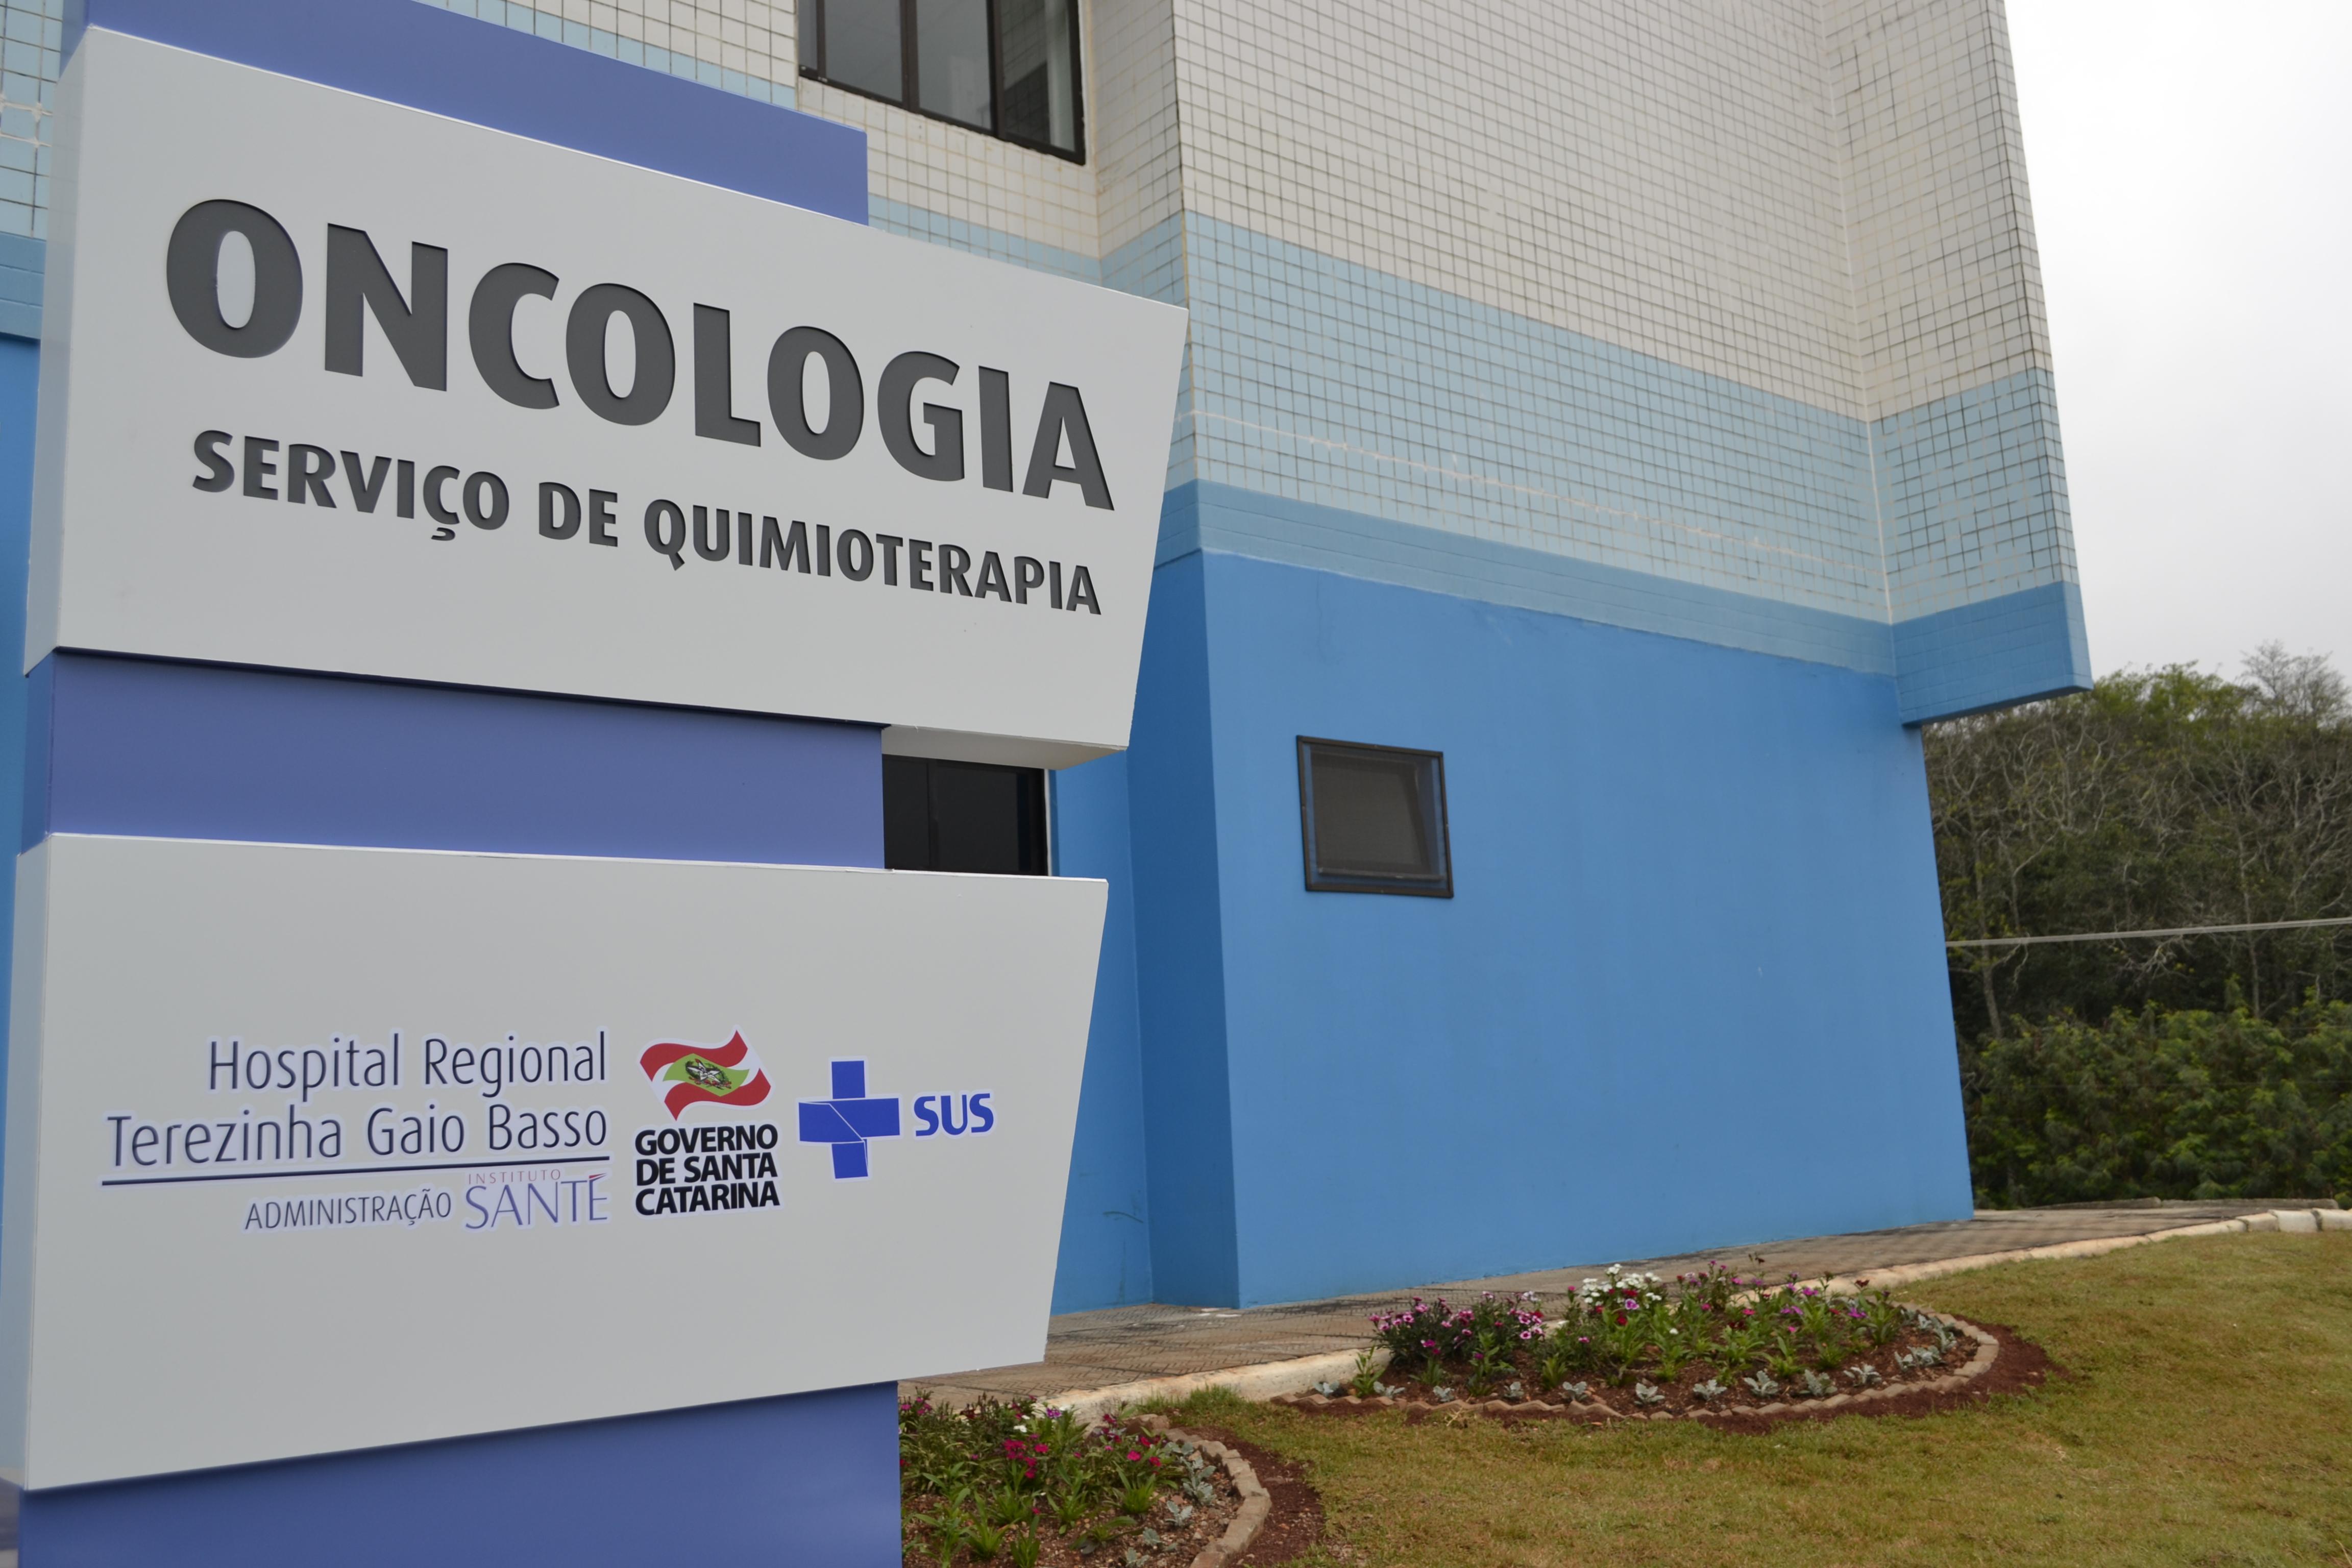 Hospital Regional recebe os primeiros pacientes de Oncologia